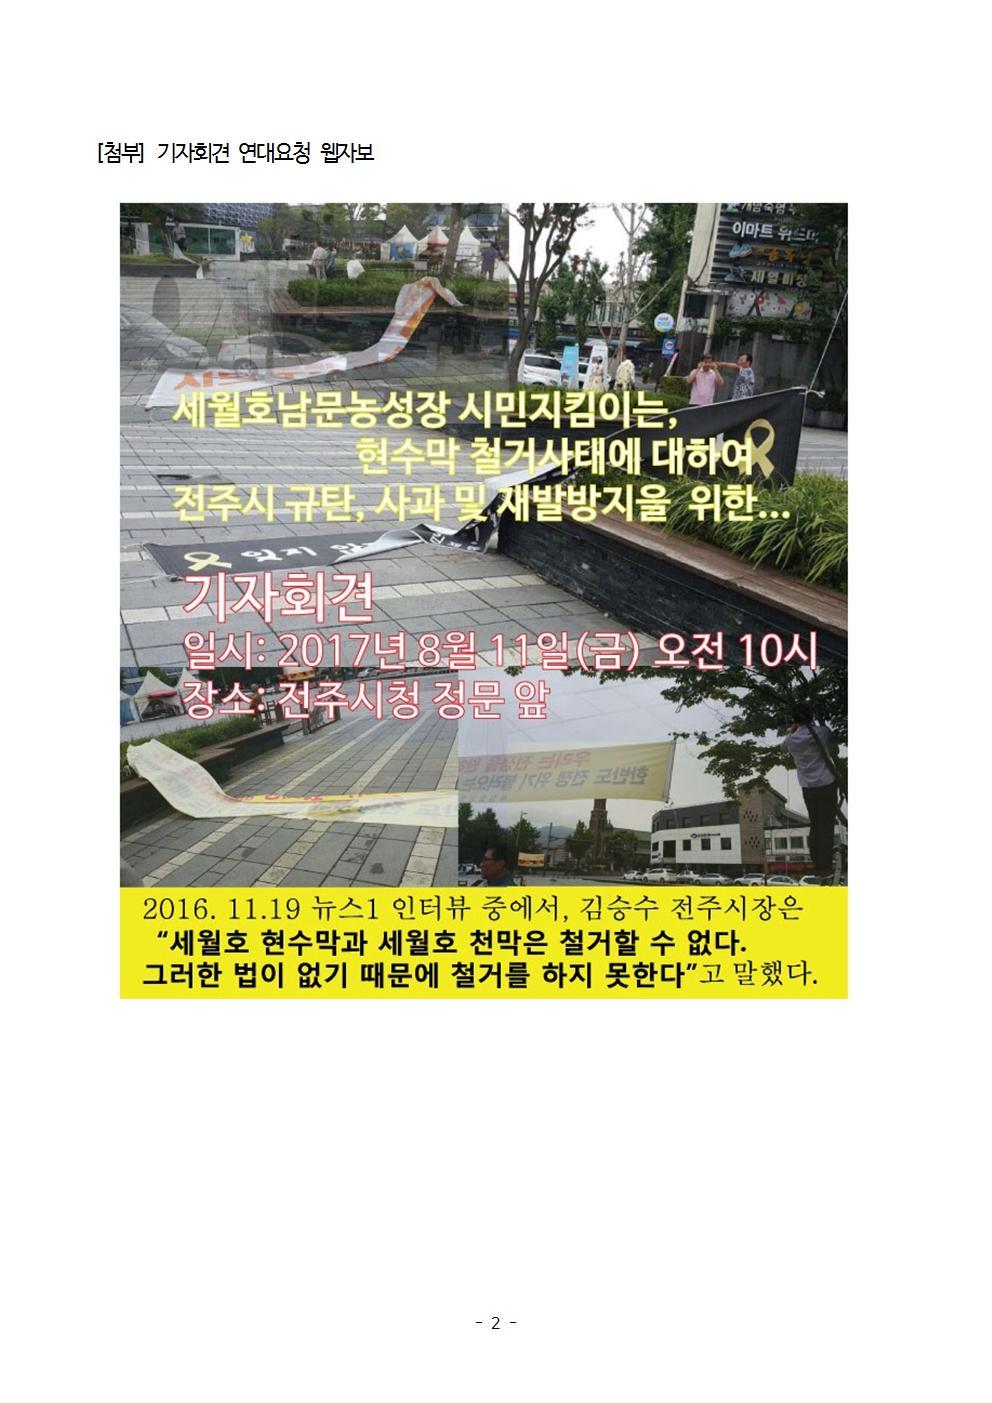 [기자회견 보도요청] 2017.8.11.10시 전주시청 정문 앞_세월호남문농성장002.jpg